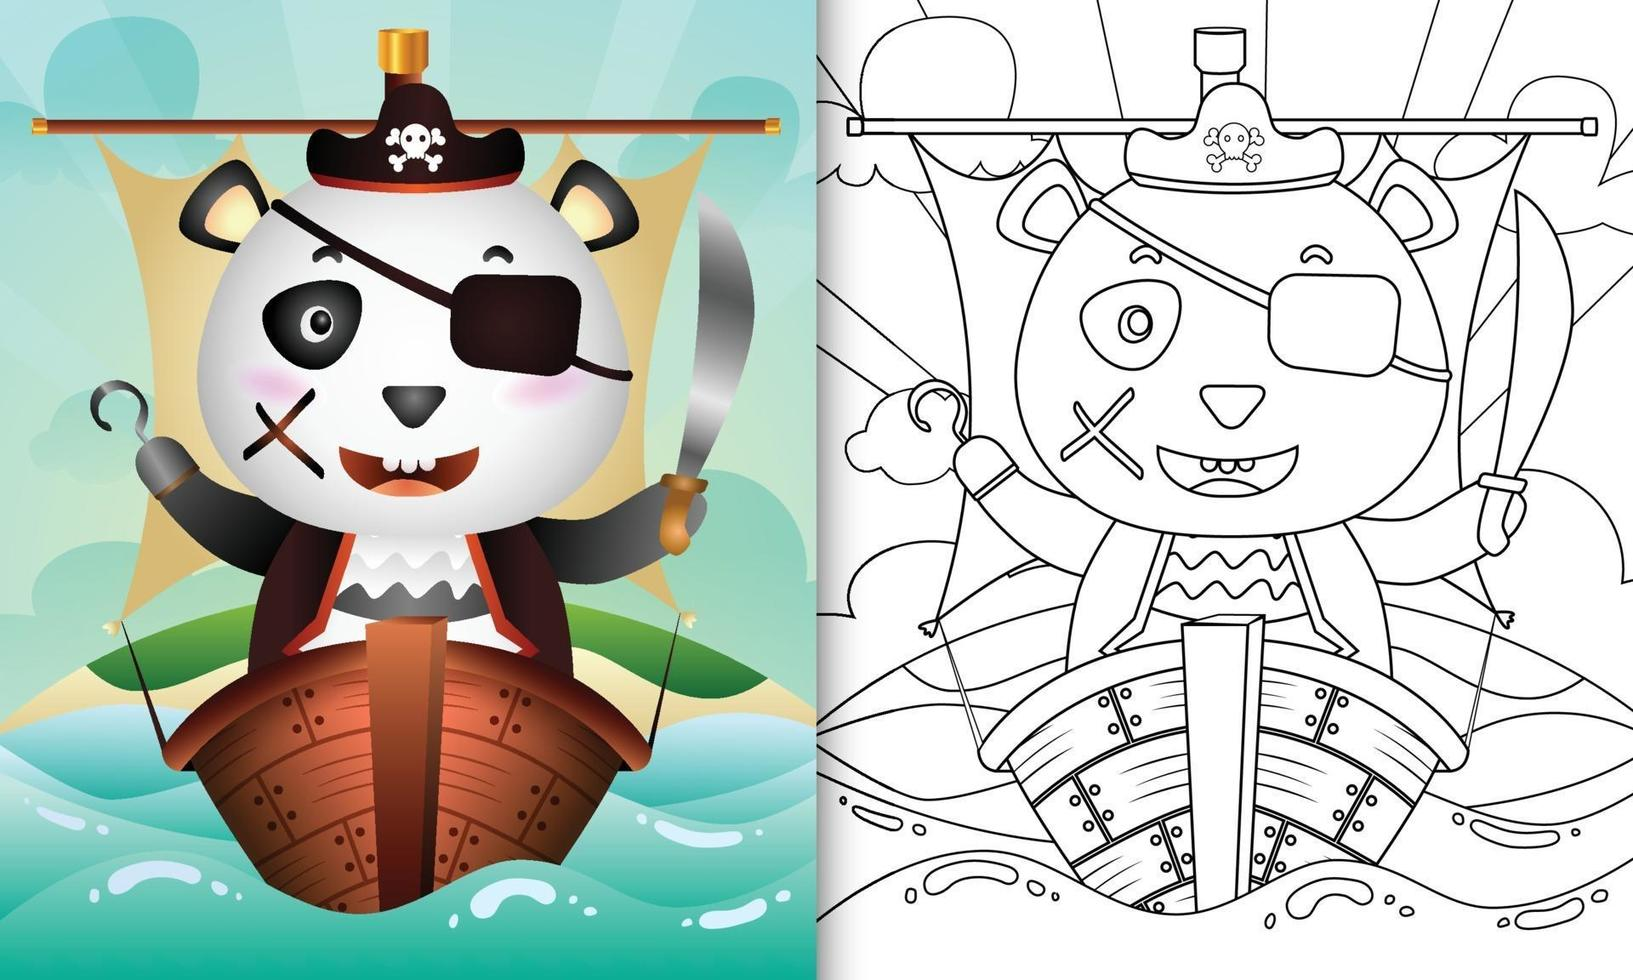 kleurboek voor kinderen met een schattig piratenpanda-personage vector